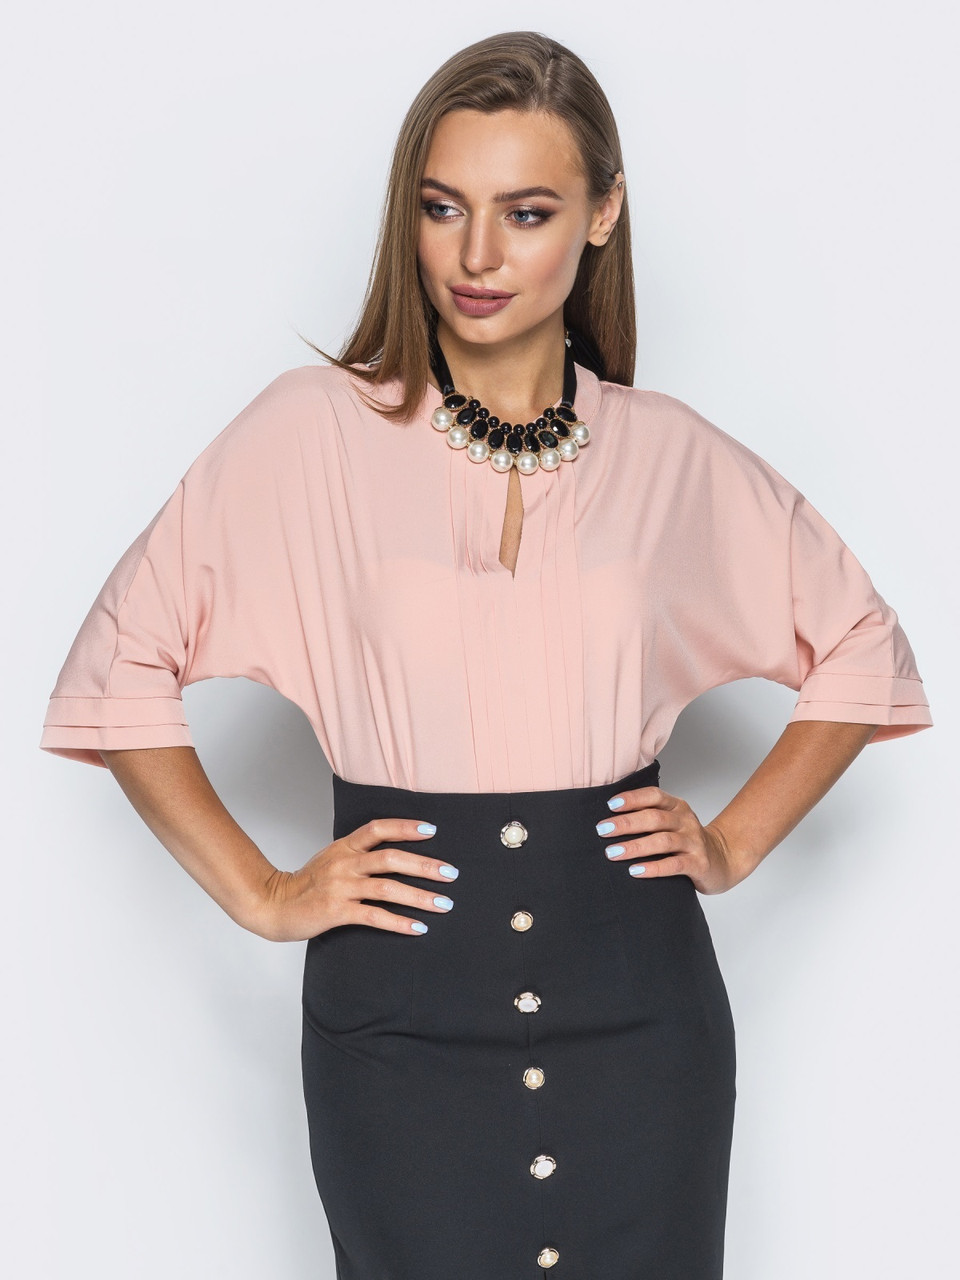 Офісна блузка з V-подібним вирізом і вертикальної декоративної плісировка